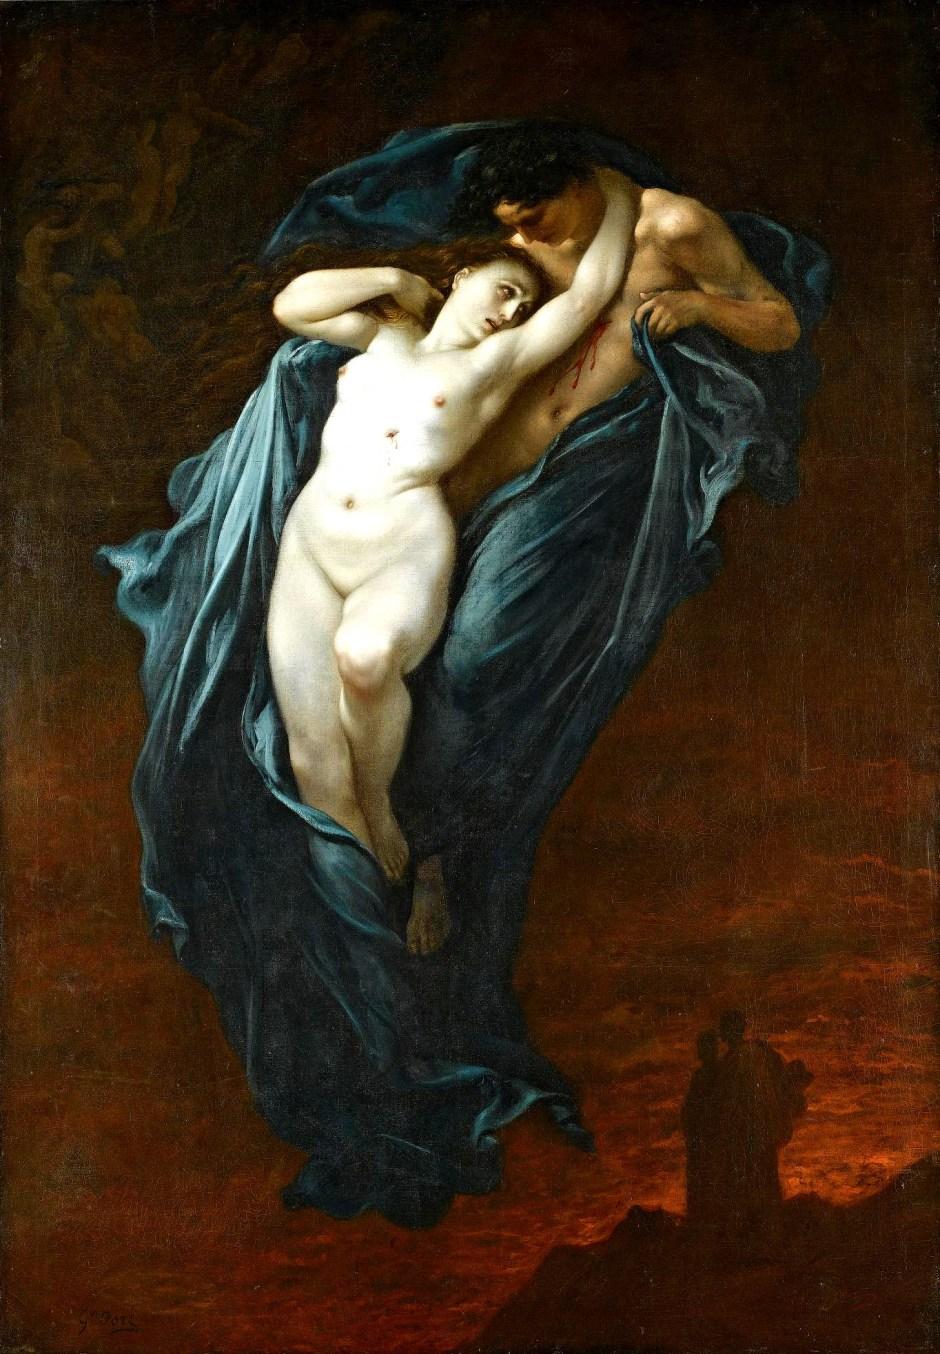 Gustave Doré. Paolo e Francesca